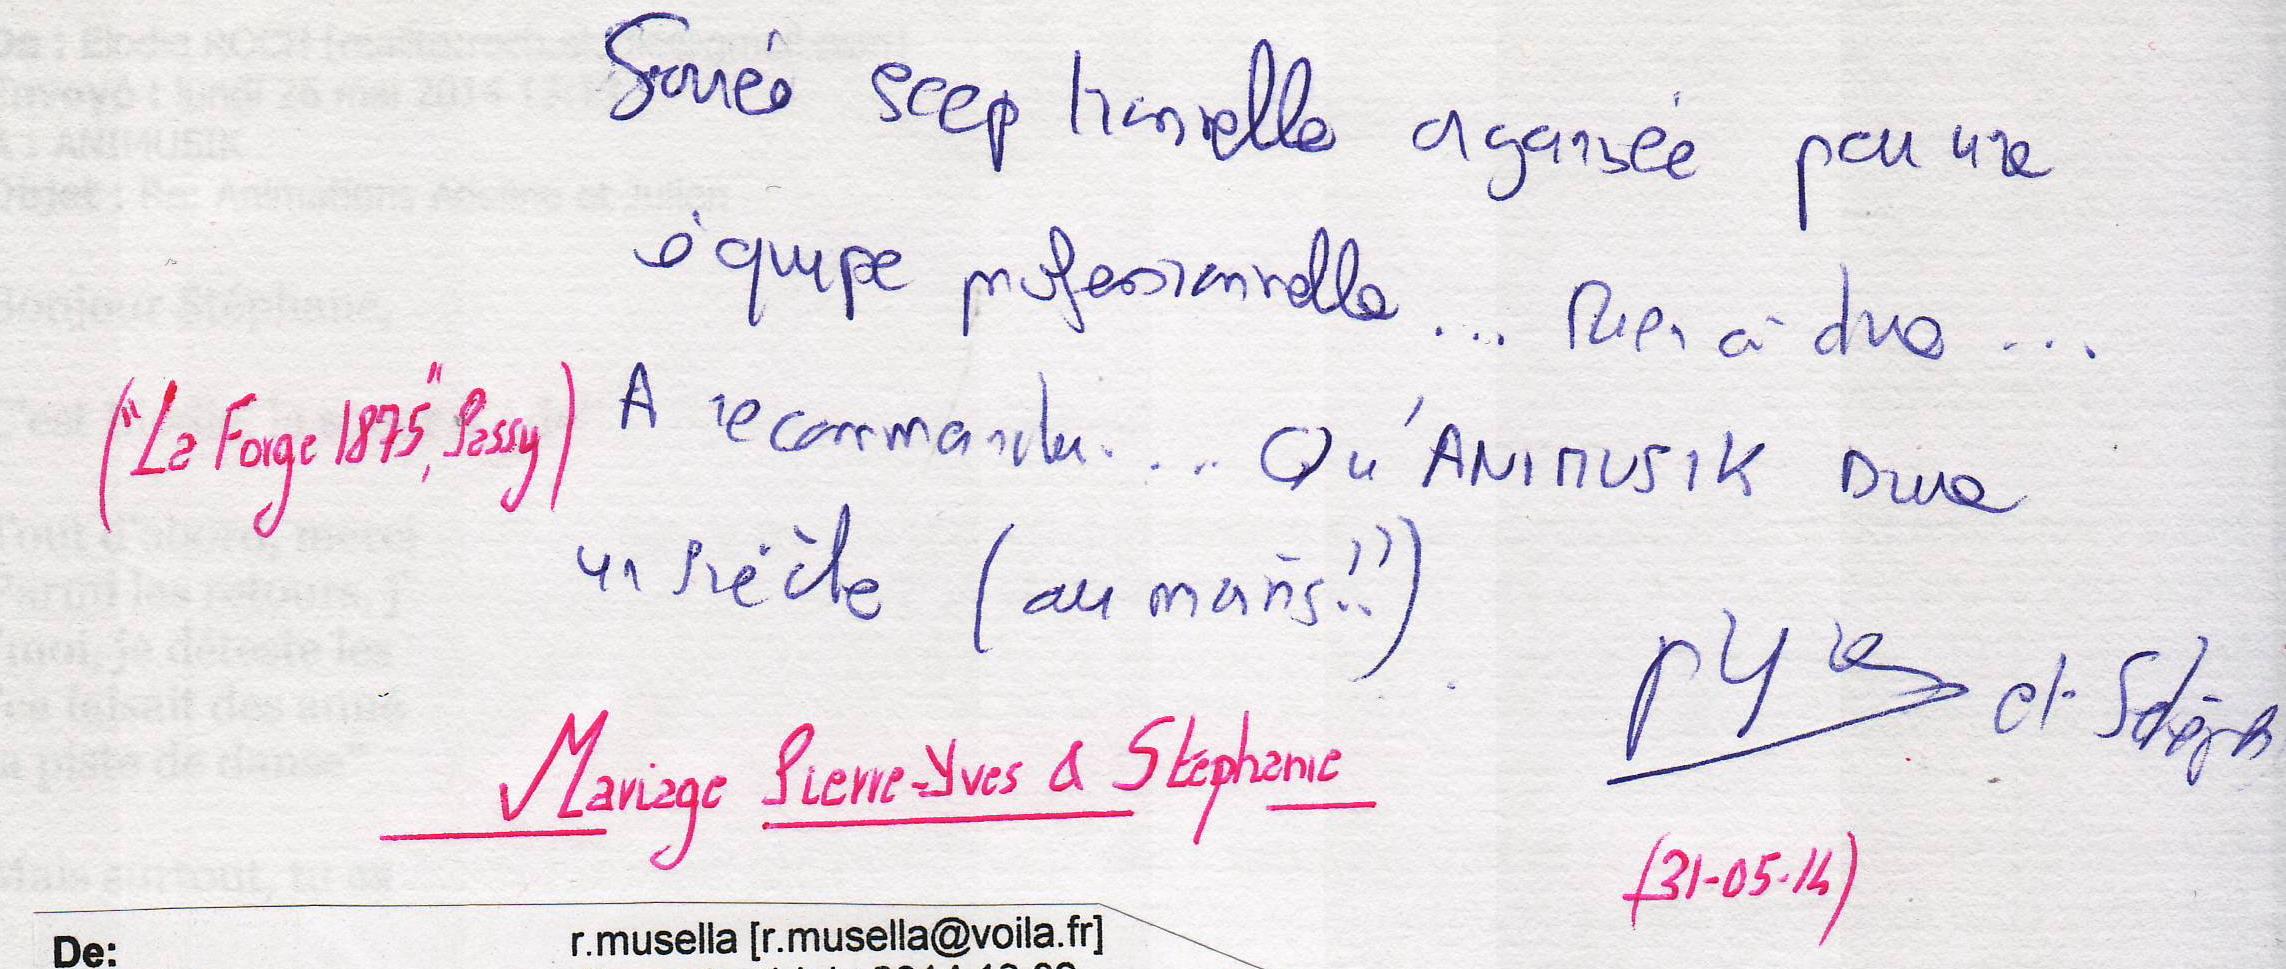 Mariage_SILBERSTEIN_Pierre-Yves_&_Stéphanie_(La_Forge_1875_Passy)_(31-05-2014)